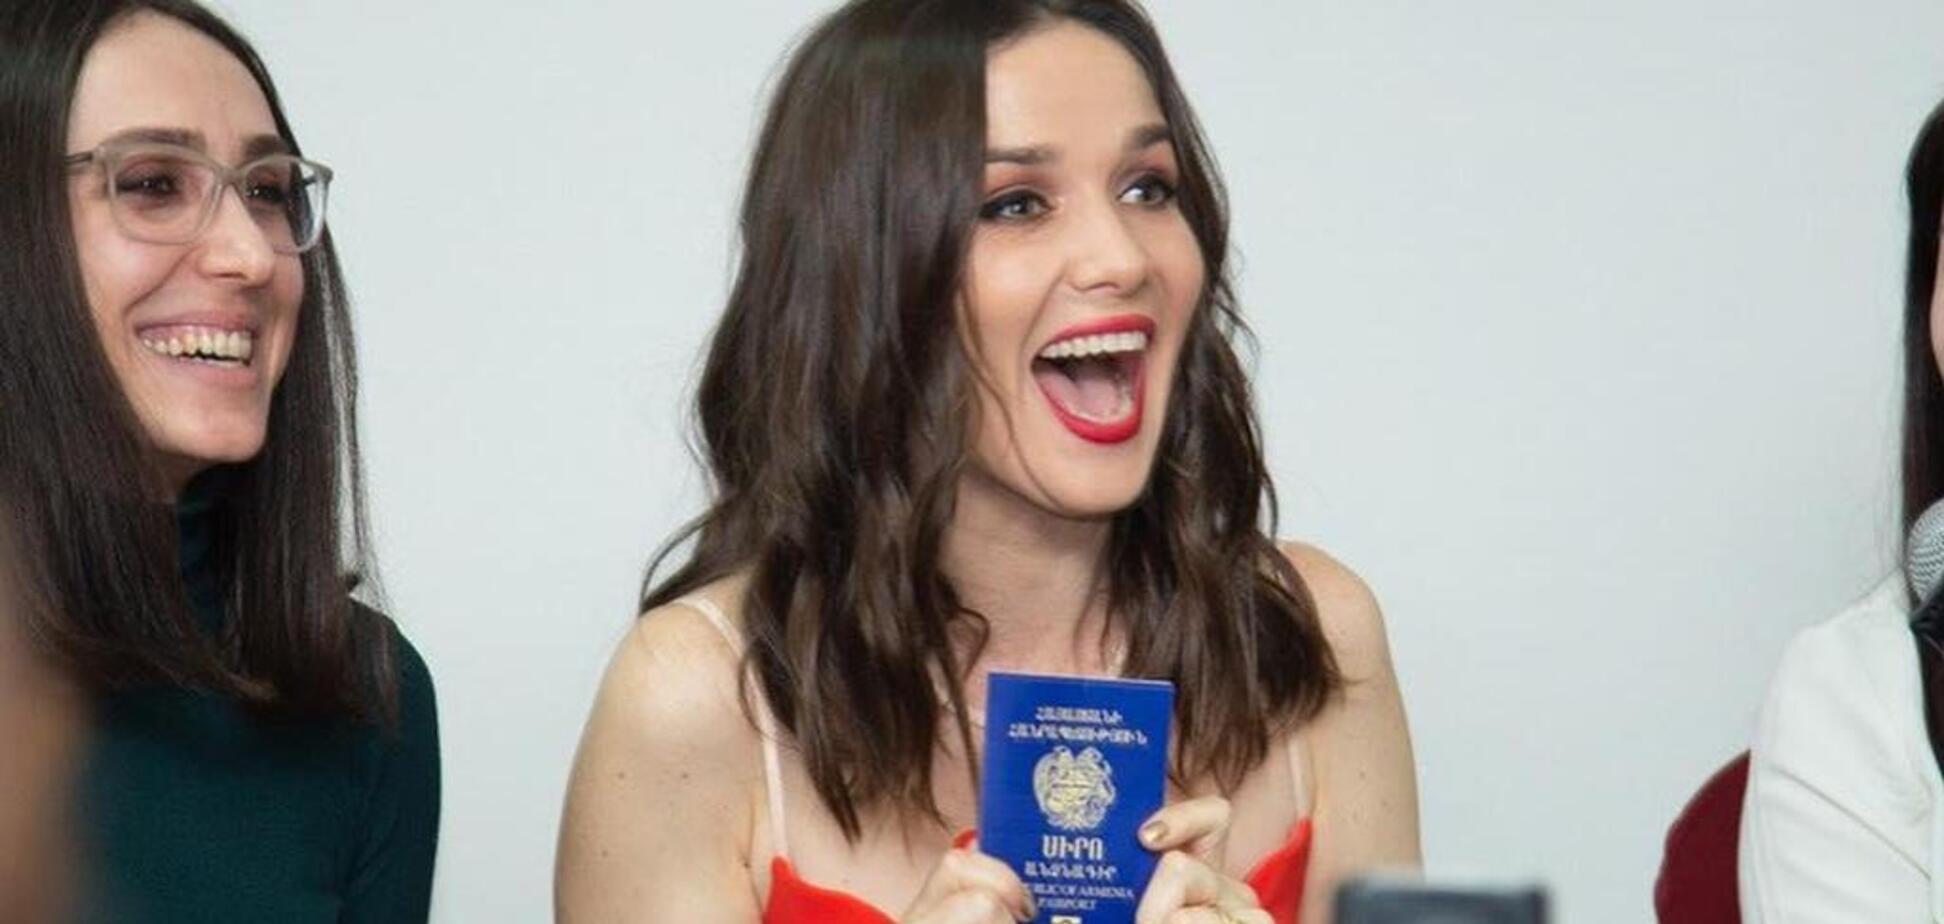 Орейро, яка просила російське громадянство, отримала паспорт у Вірменії